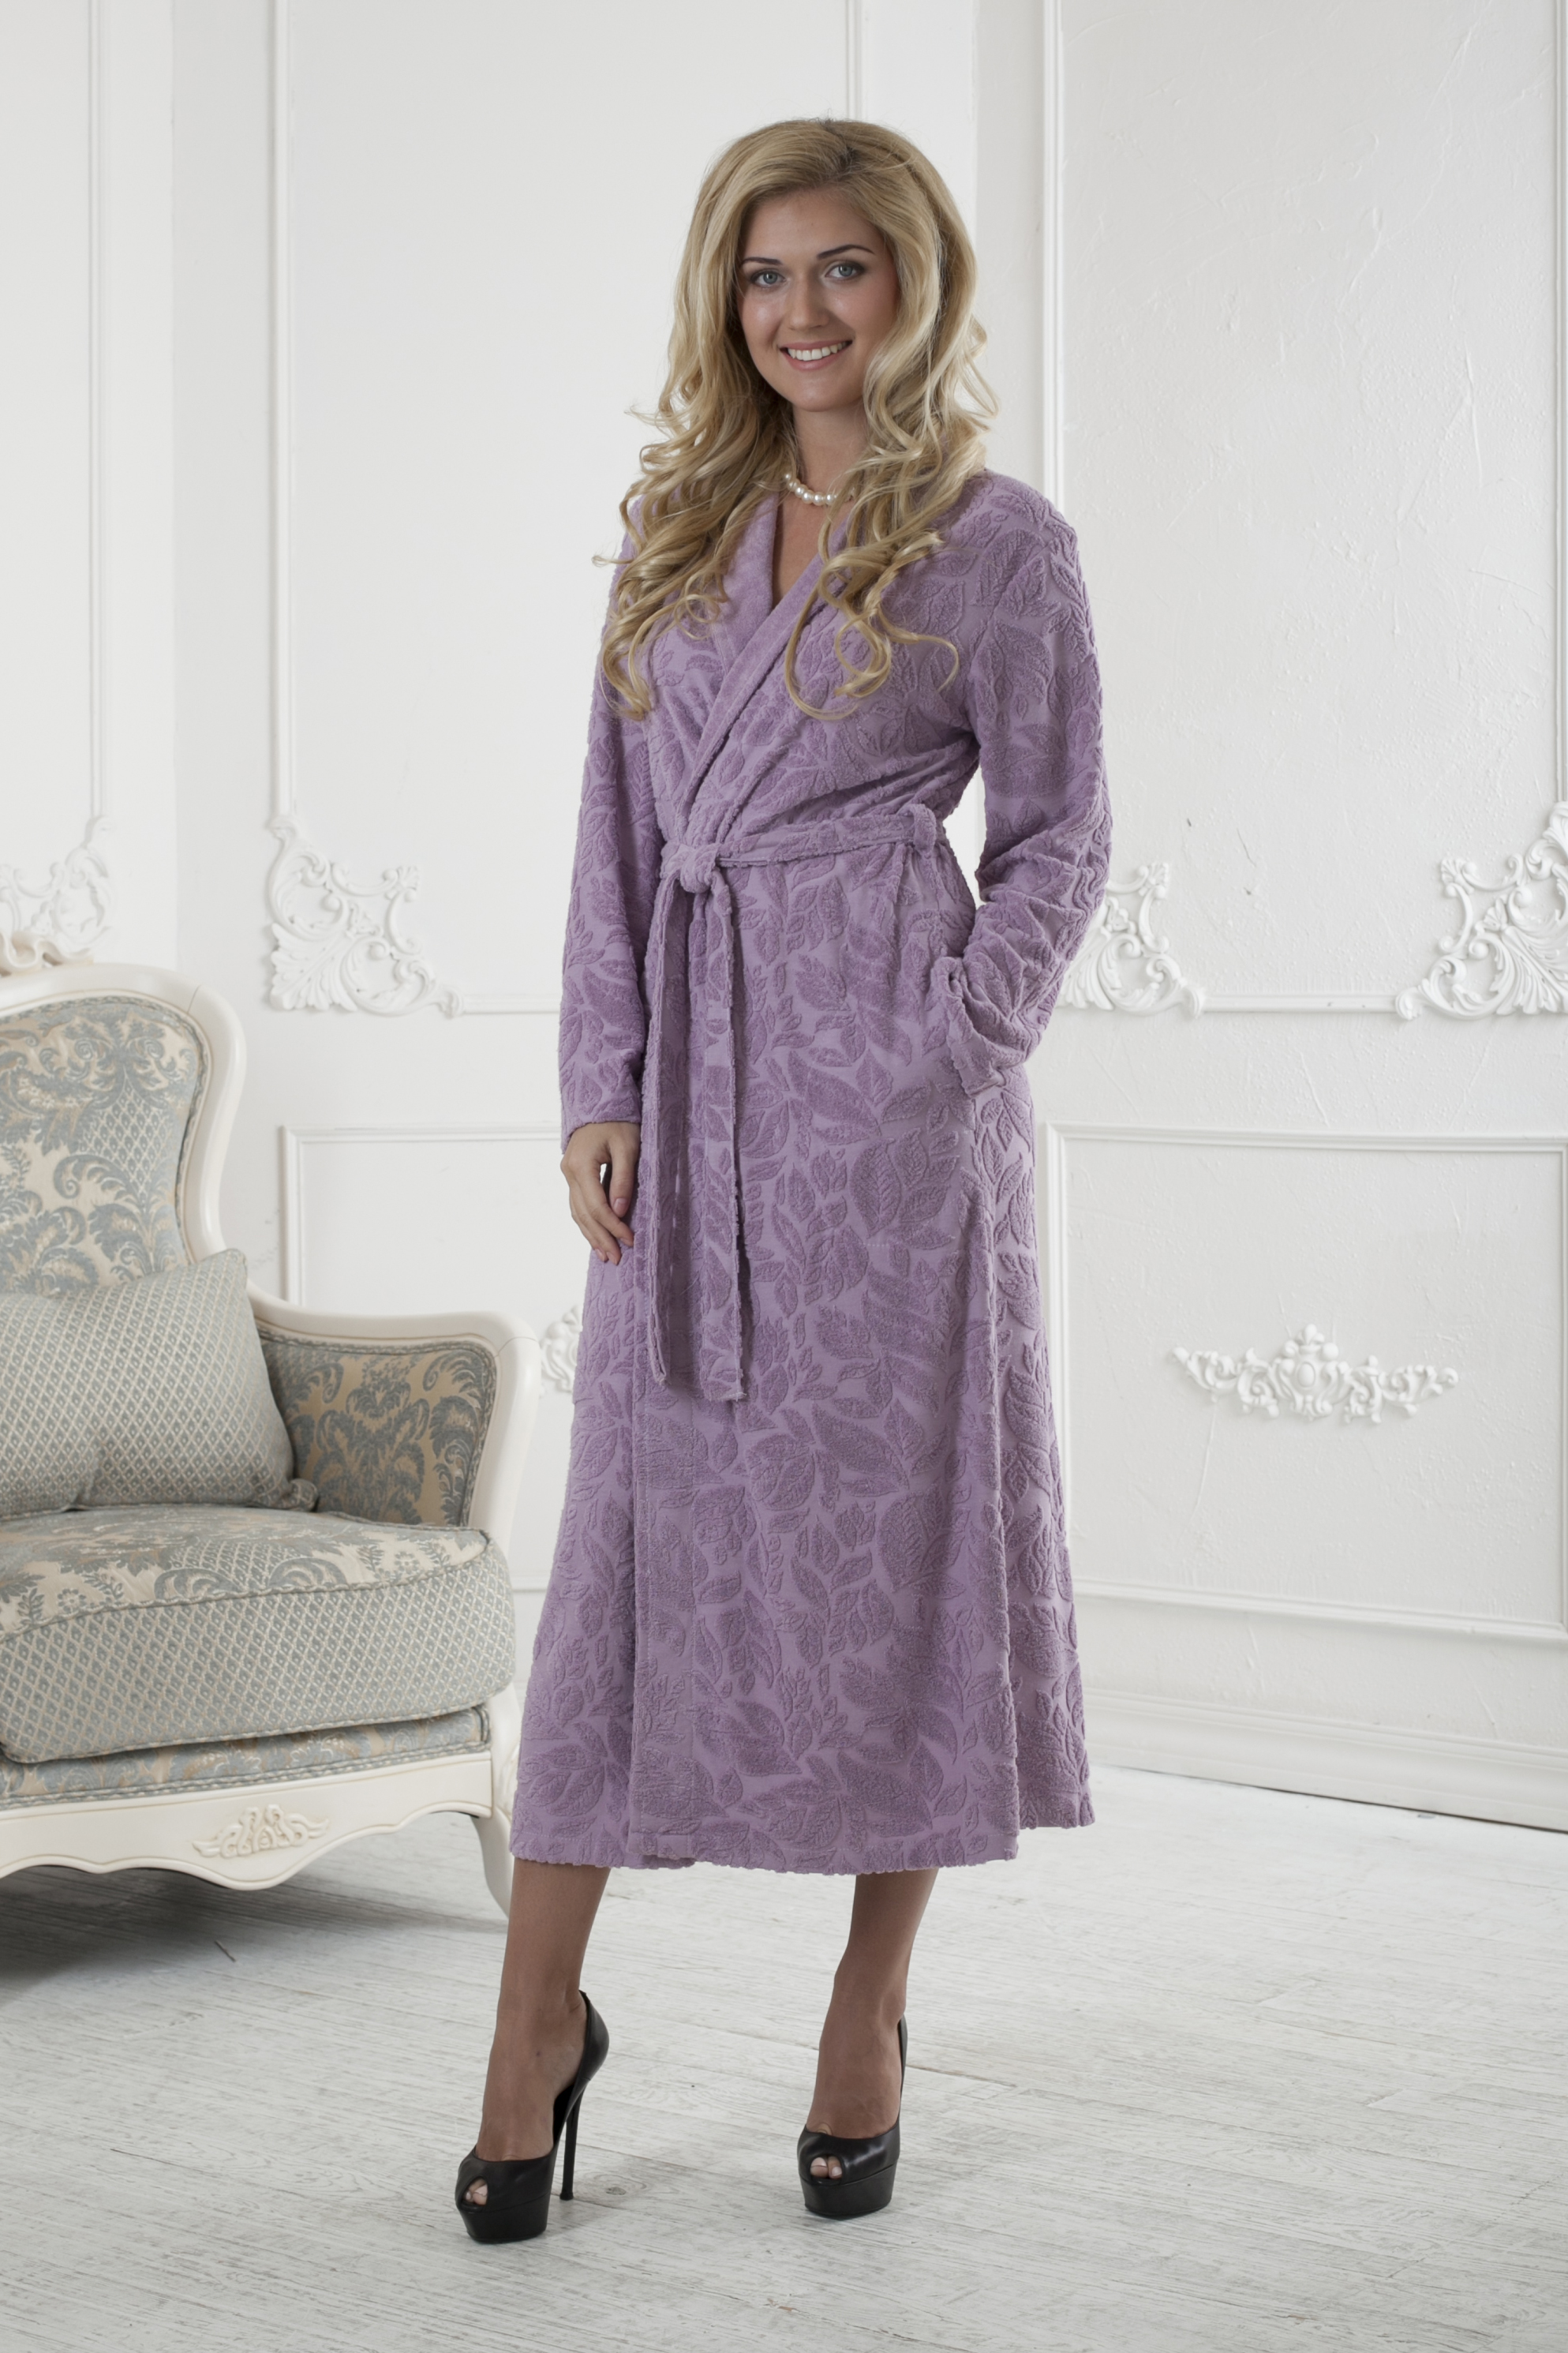 Халат женский Five Wien Home, цвет: розовый. 411. Размер XXL (52/54)411Очень мягкий и приятный женский халат из трикотажного бамбука. Очень элегантная и женственная модель. Объемная текстура по всему халату.